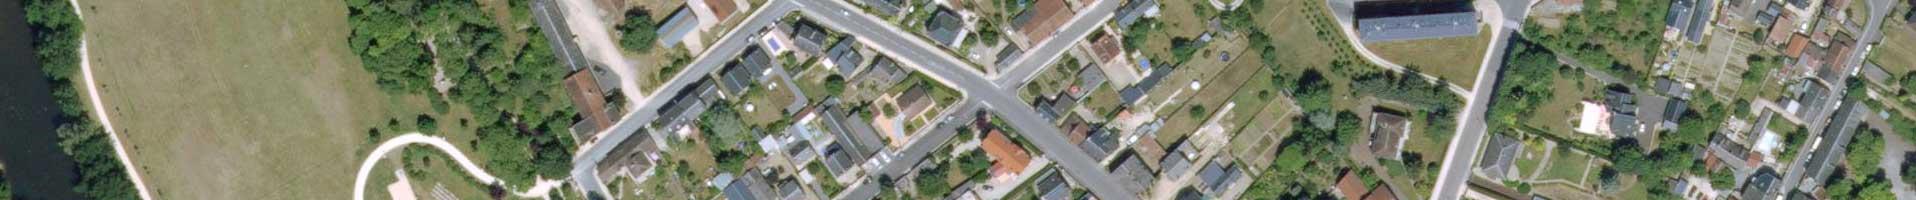 Photo aérienne IGN 5e niveau d'agrandissement